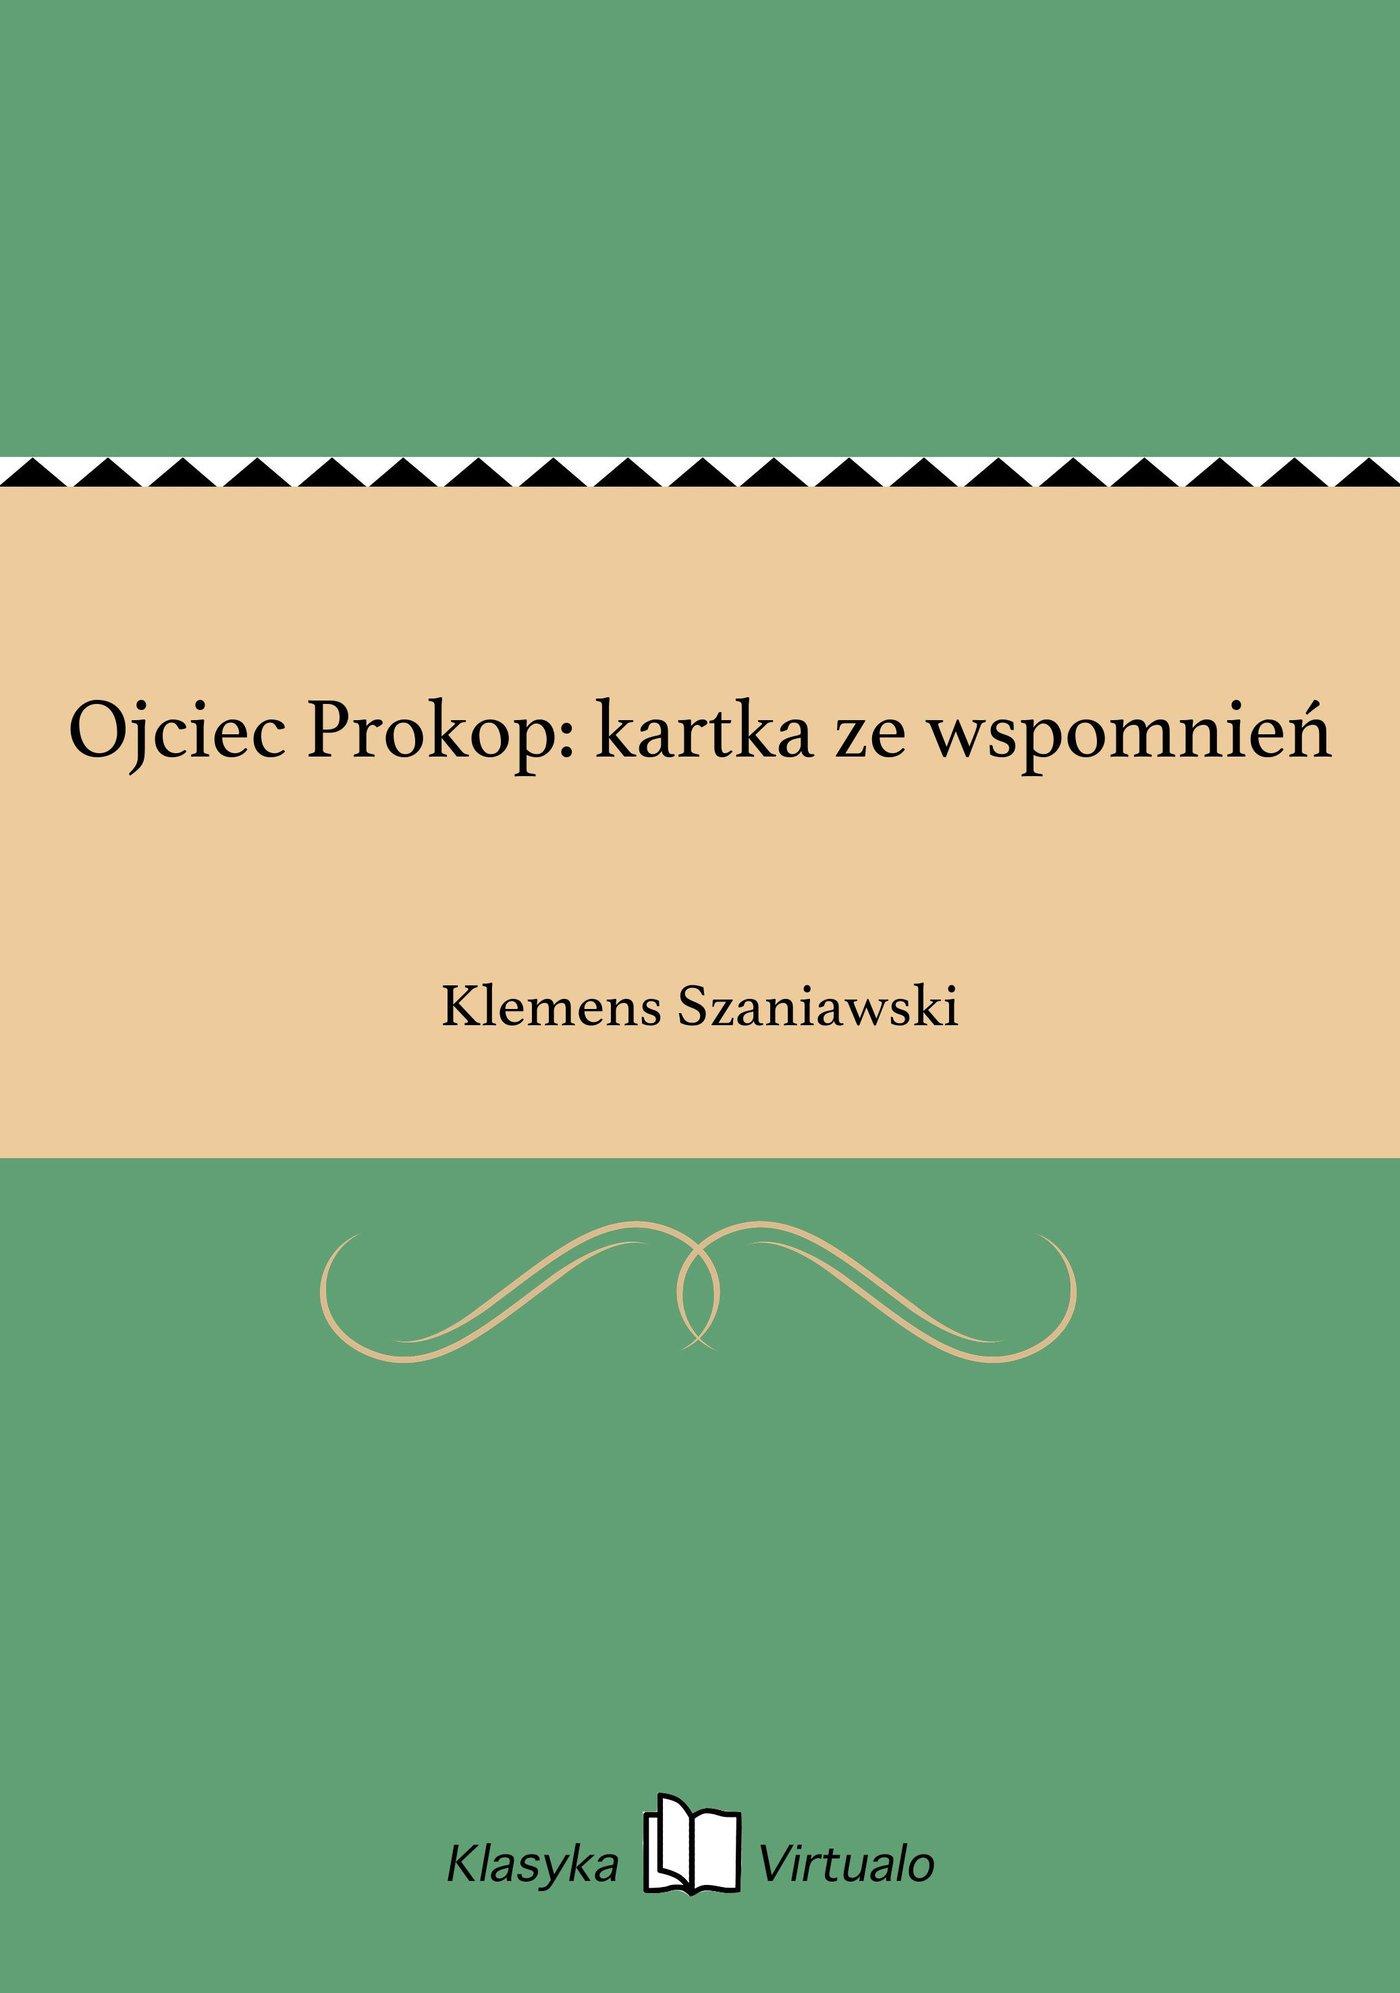 Ojciec Prokop: kartka ze wspomnień - Ebook (Książka EPUB) do pobrania w formacie EPUB